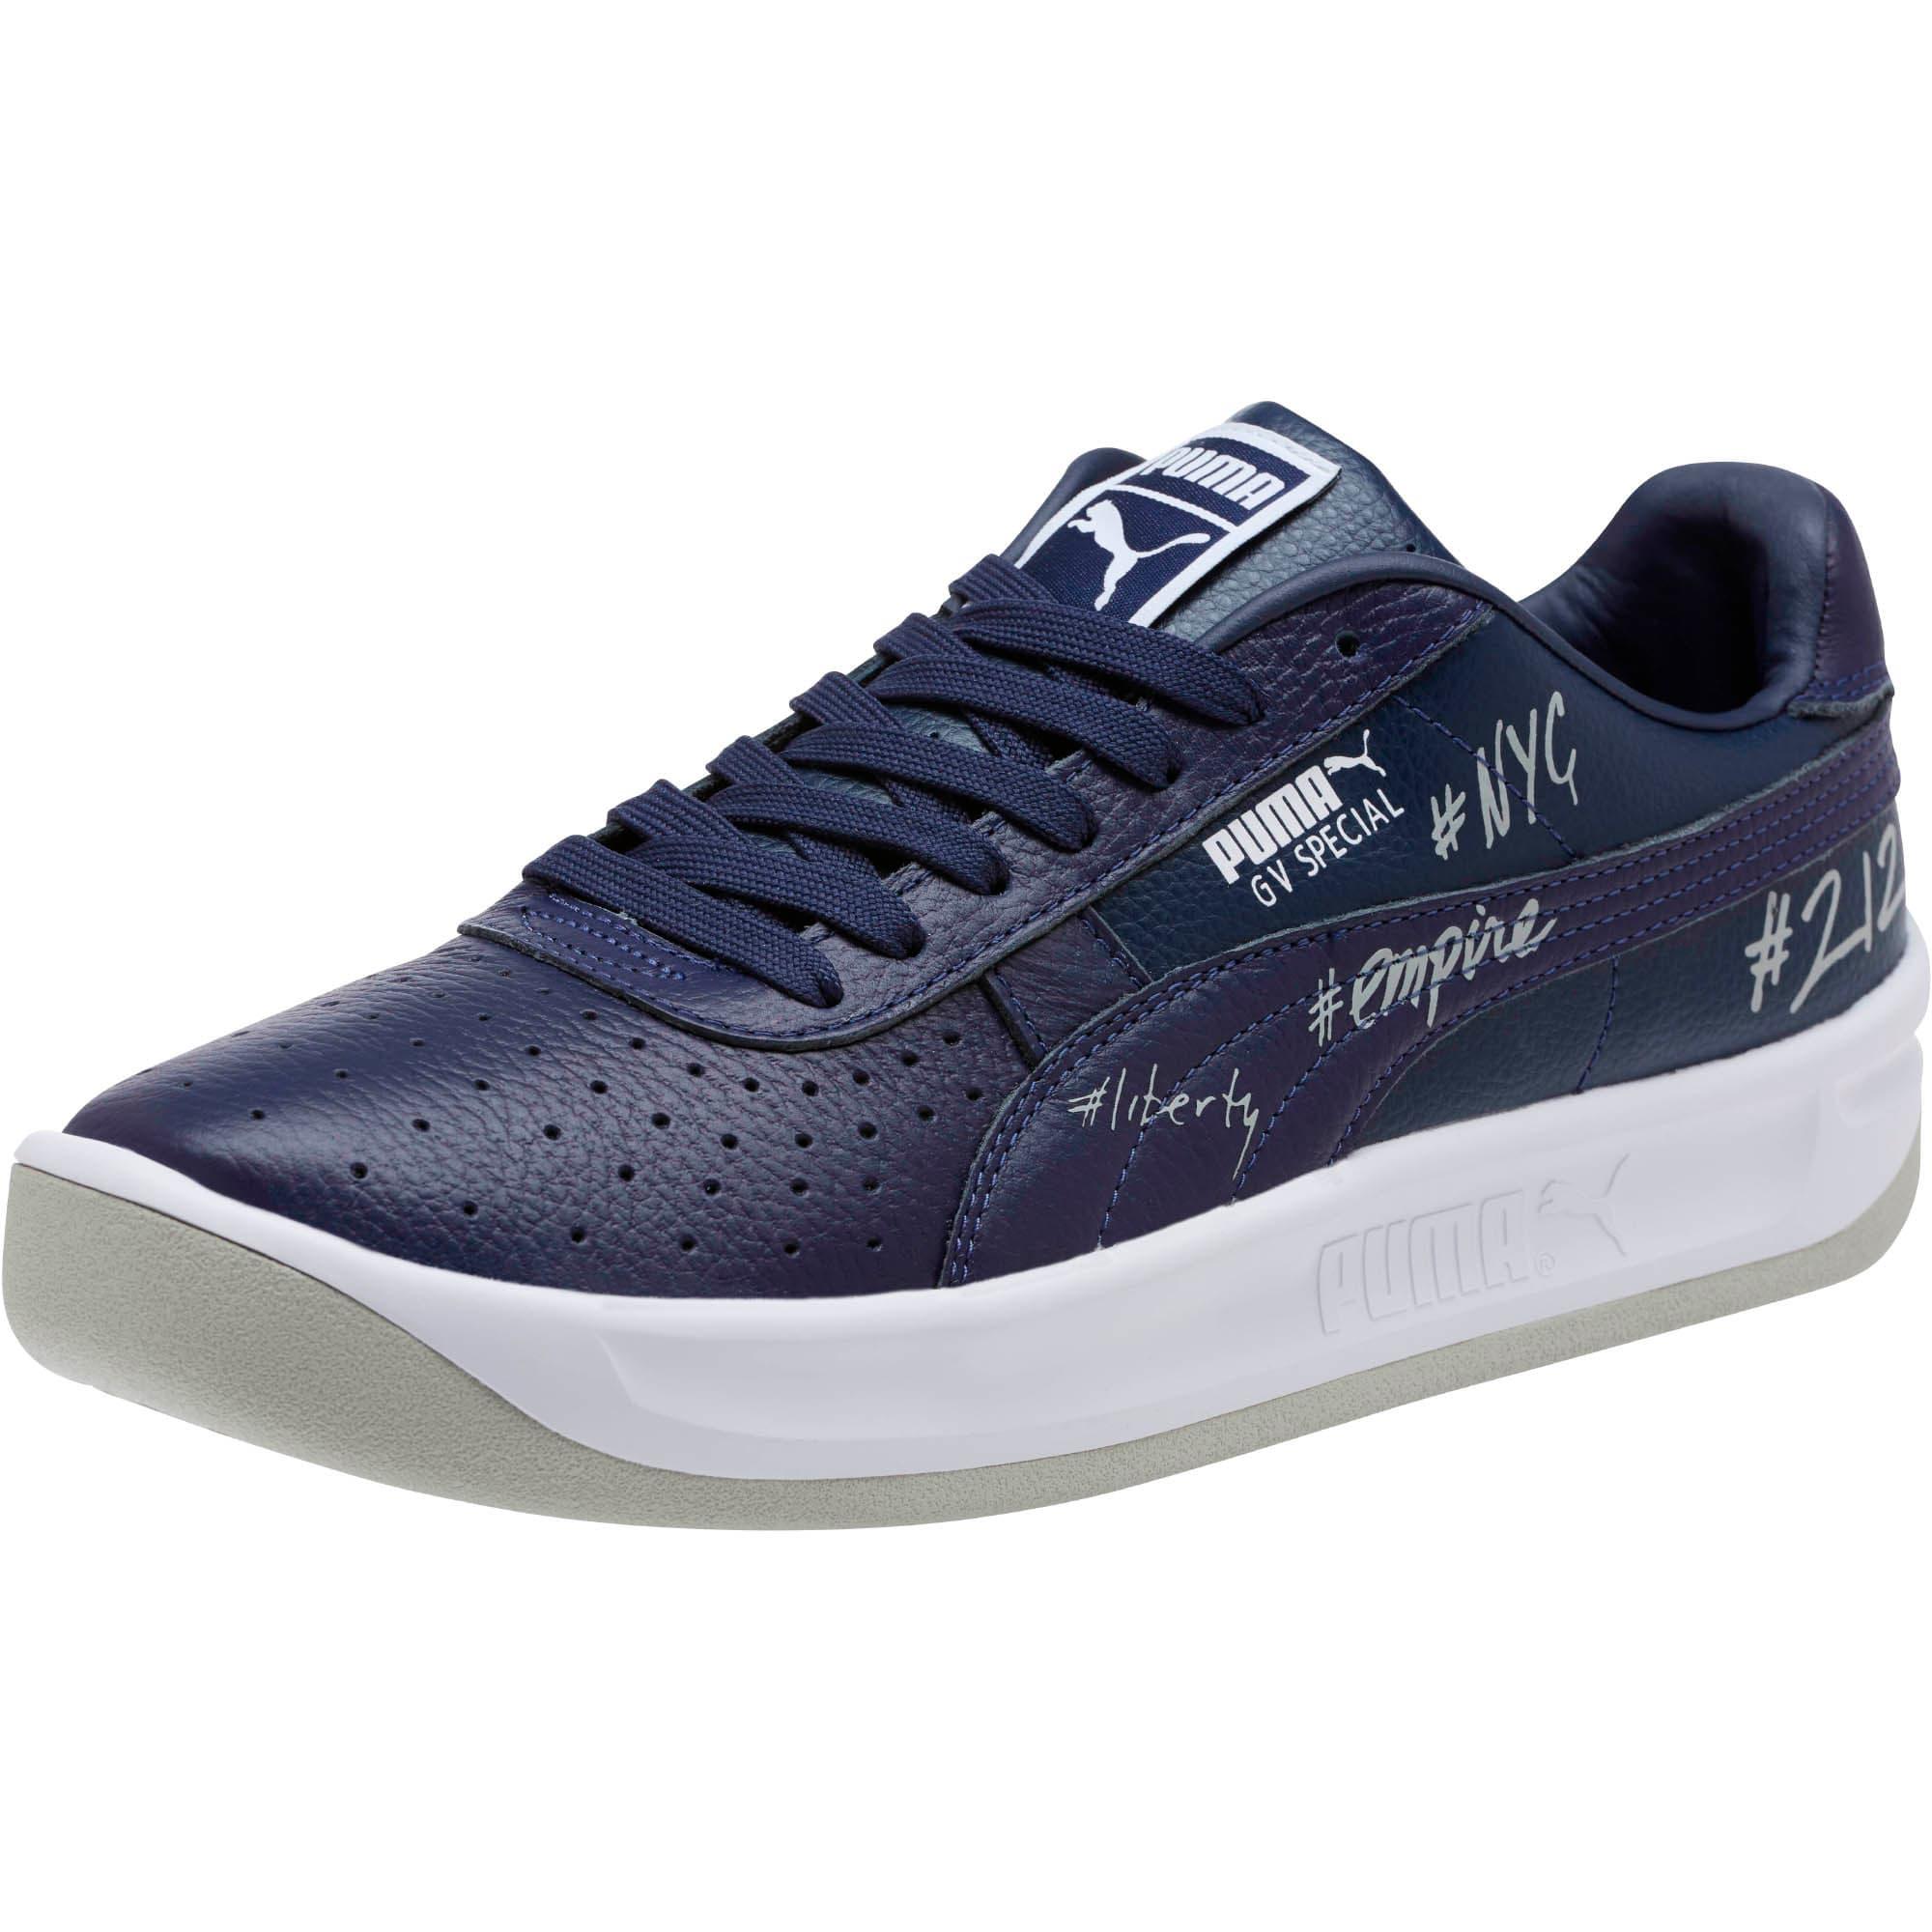 Thumbnail 1 of GV Special NYC Sneakers, Peacoat-Puma White-Gray Vlt, medium